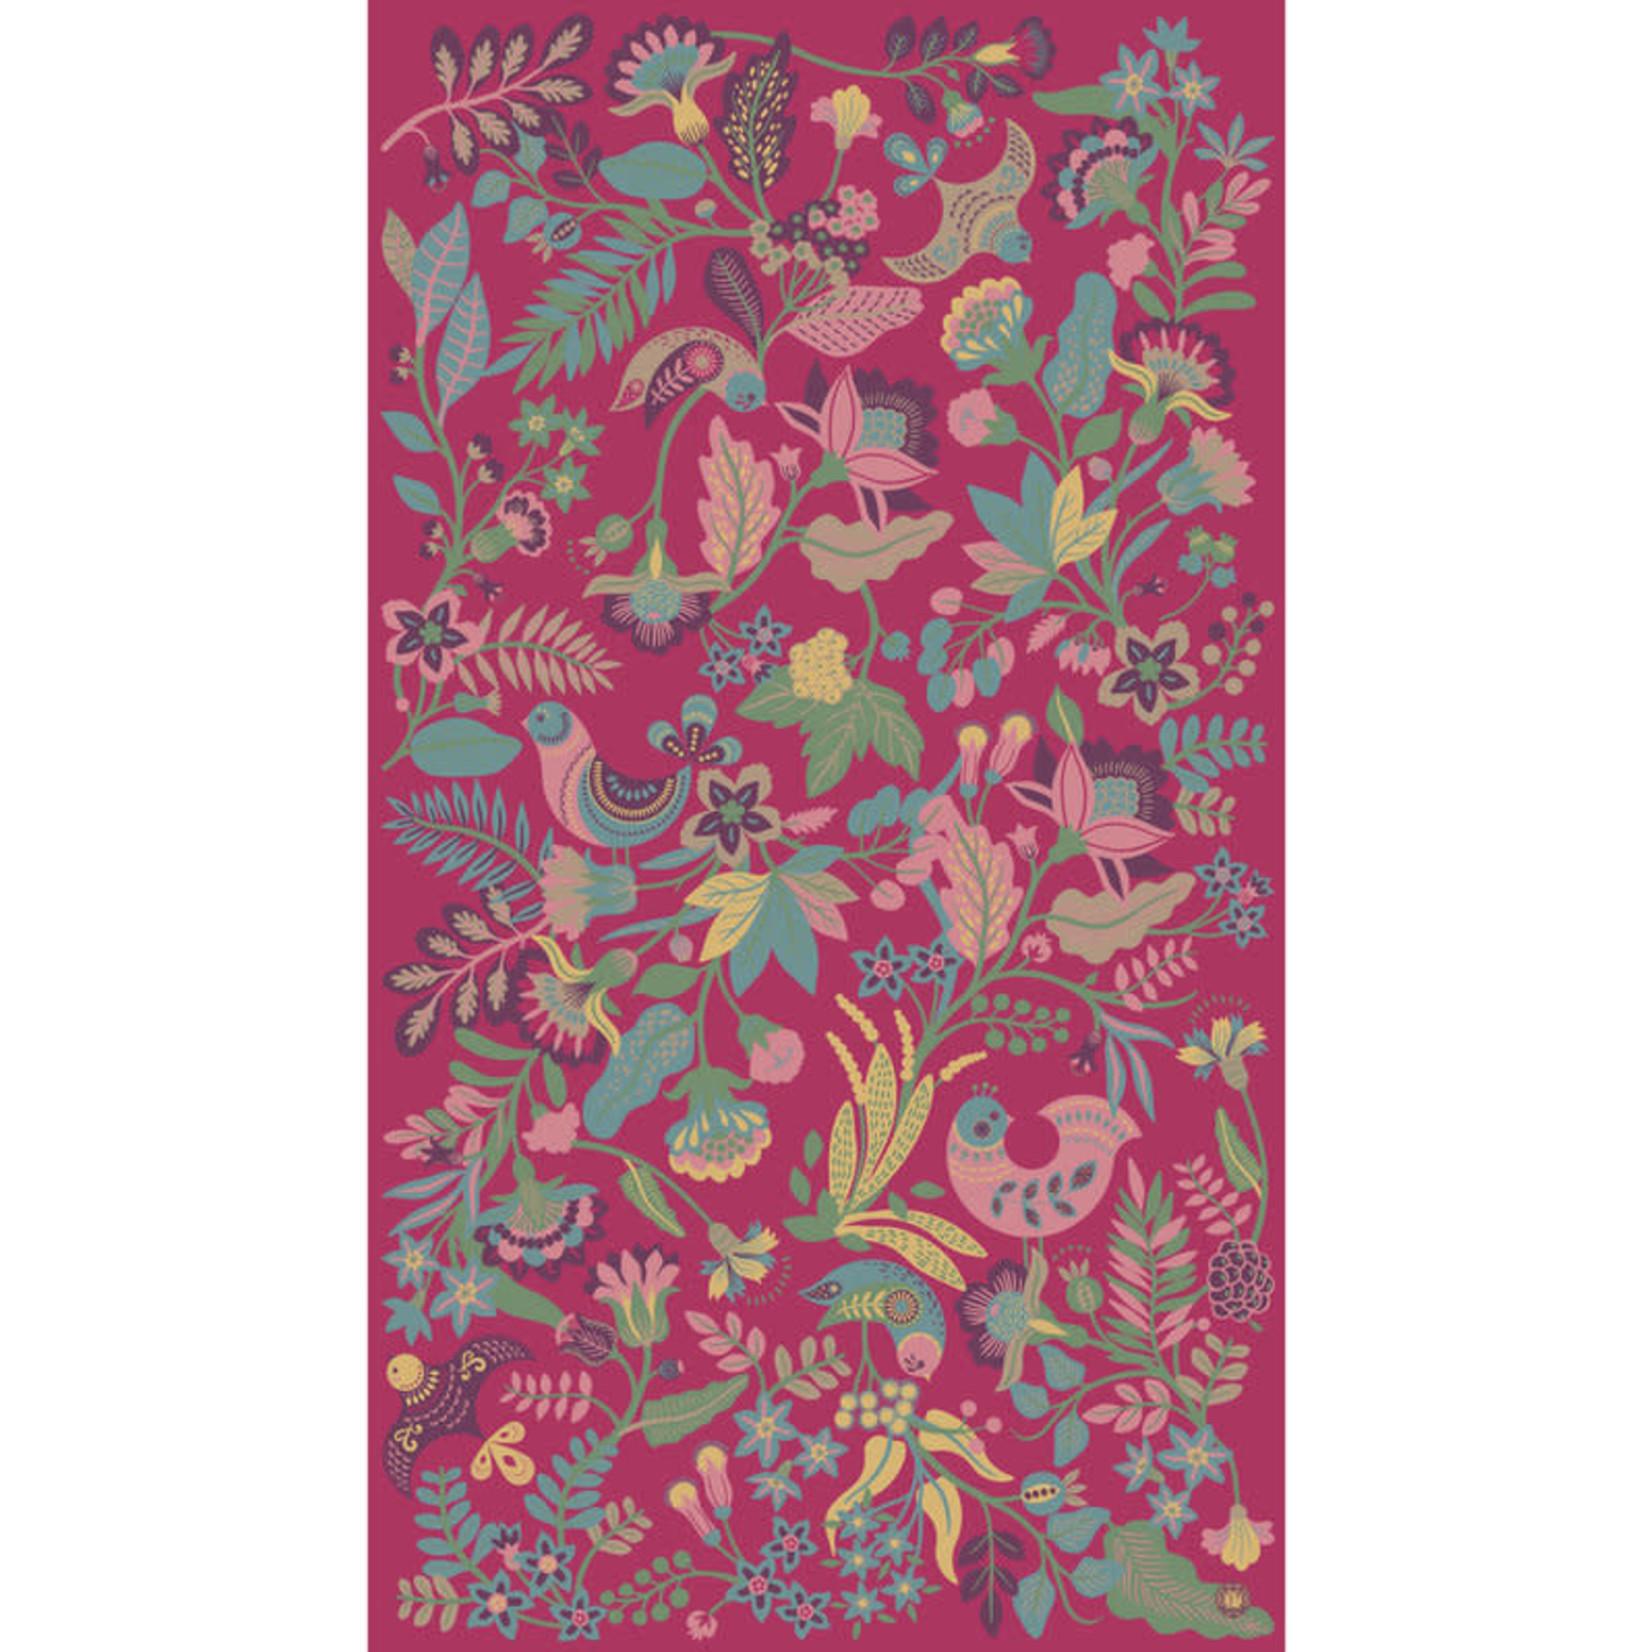 Powder South American Floral Print Fuchsia Scarf